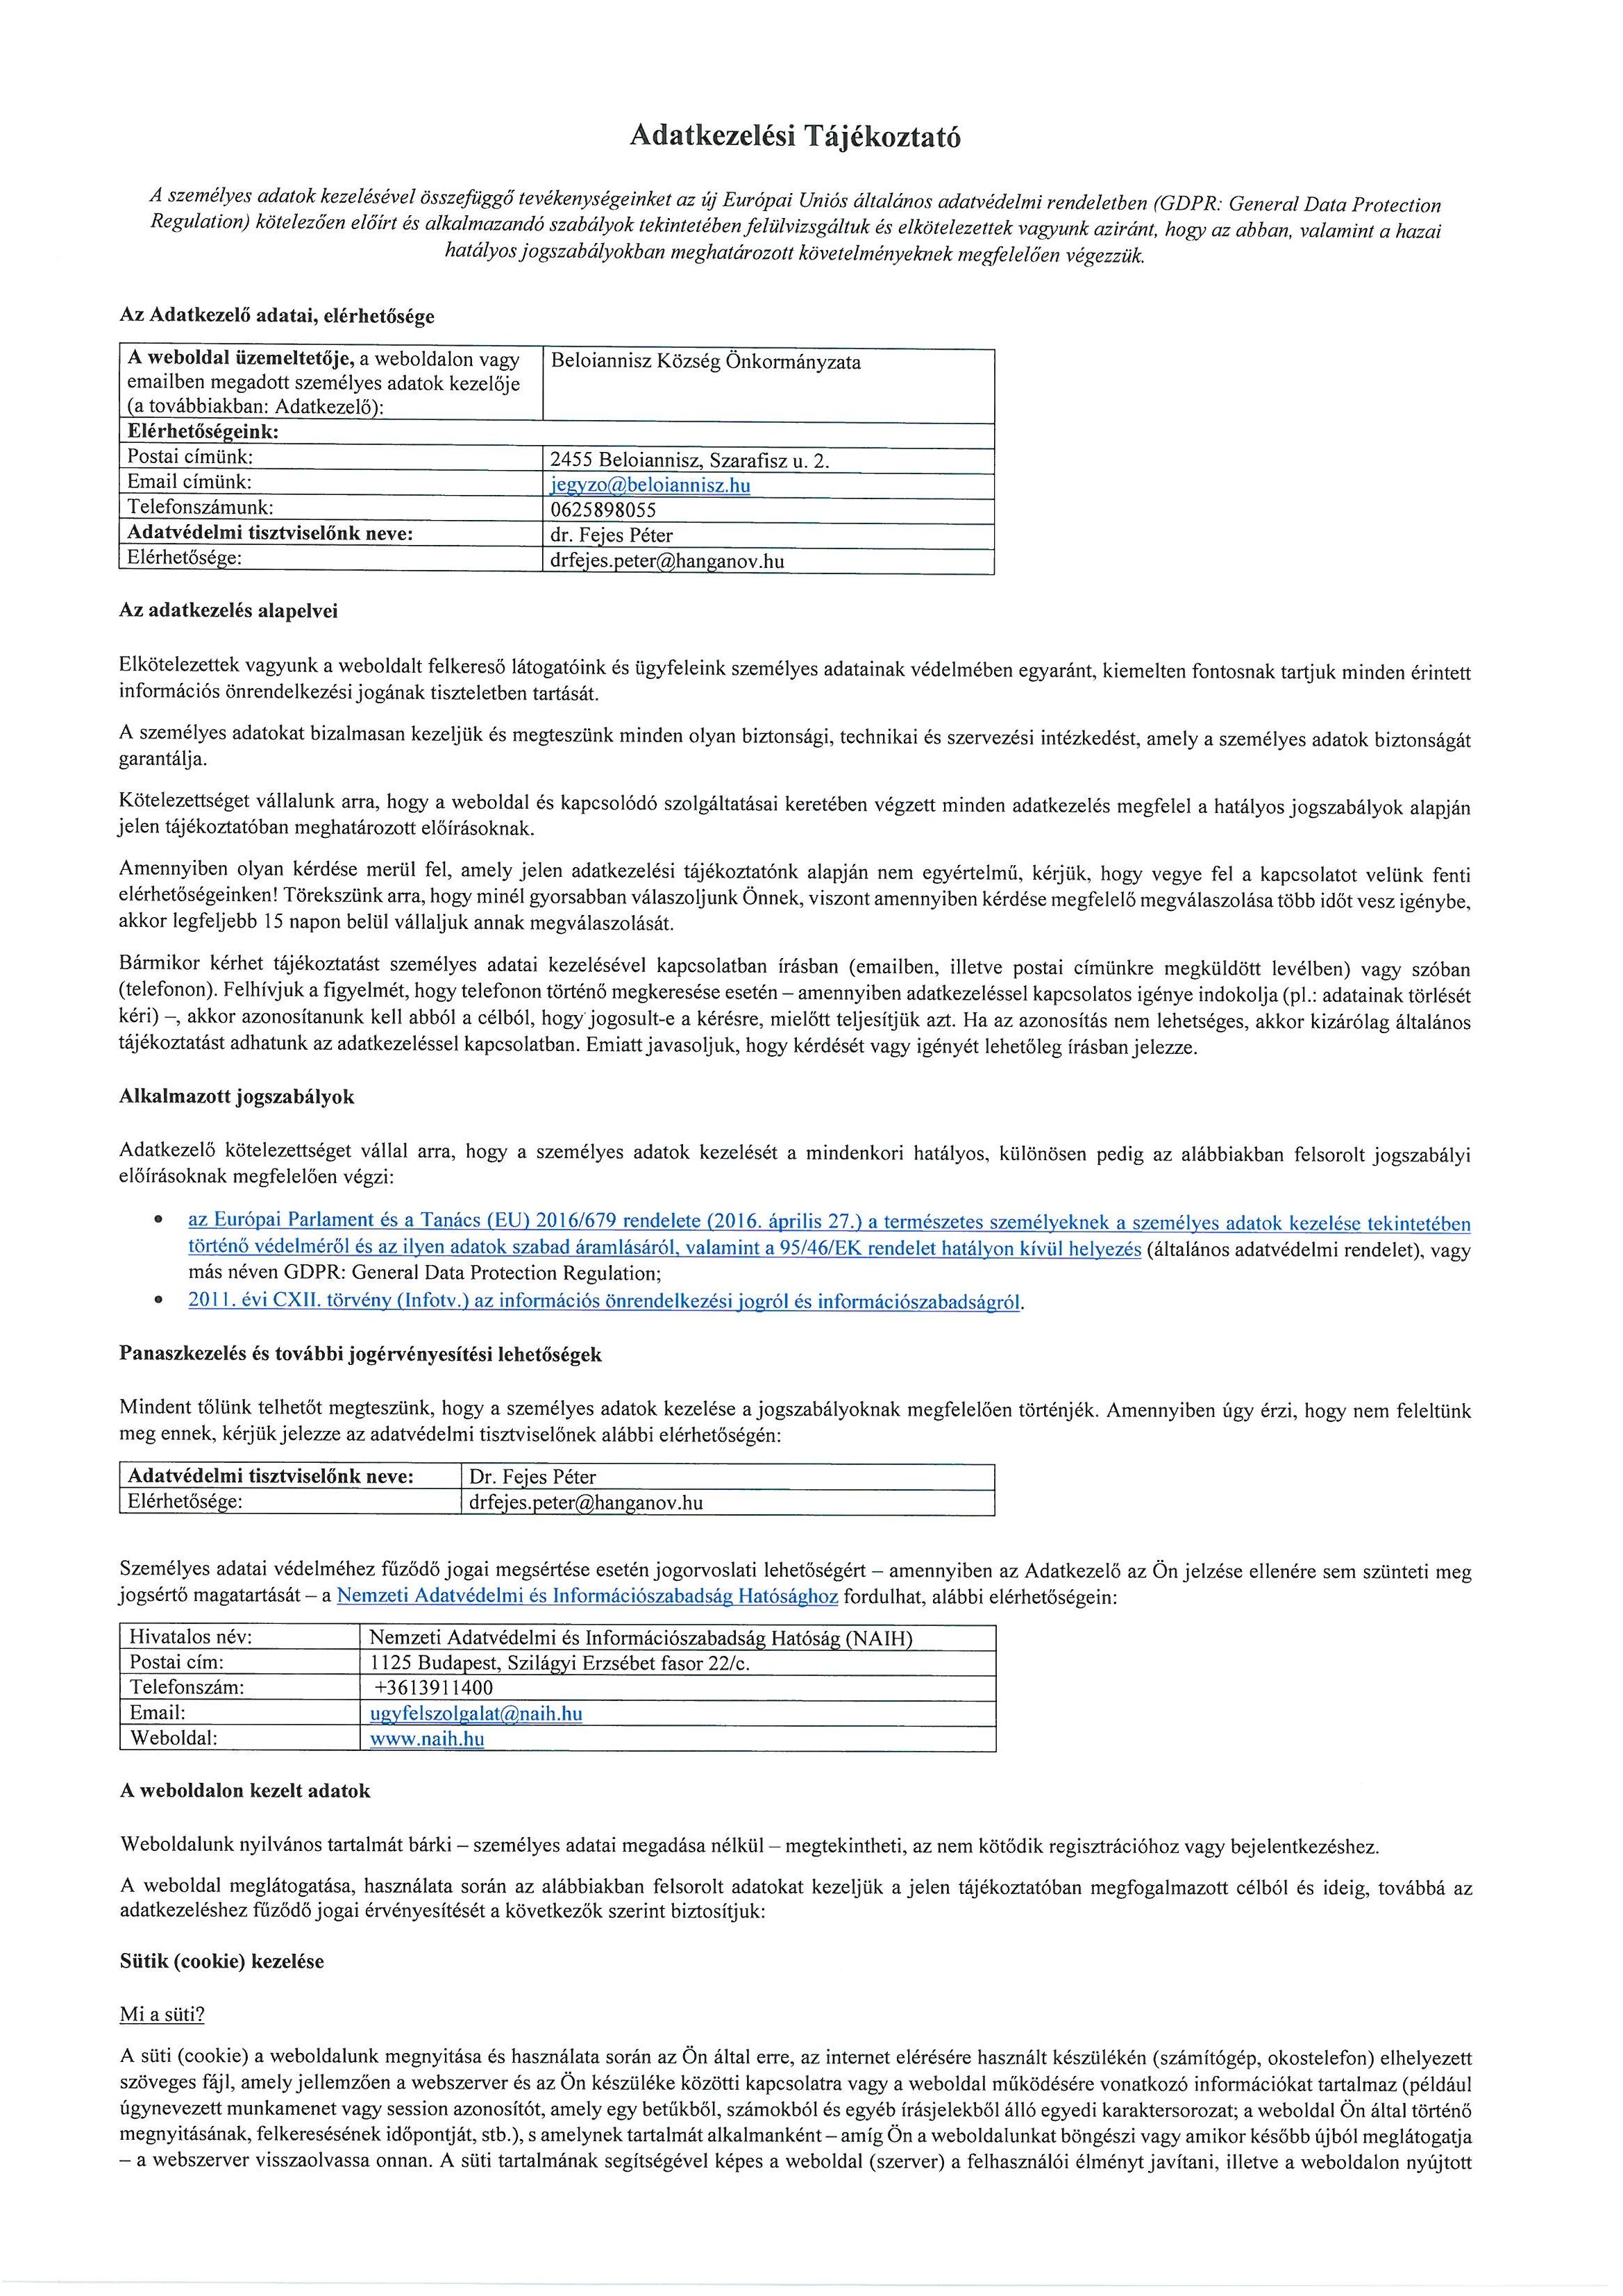 7f4b4022aa Adatkezelési Tájékoztató – beloiannisz.hu